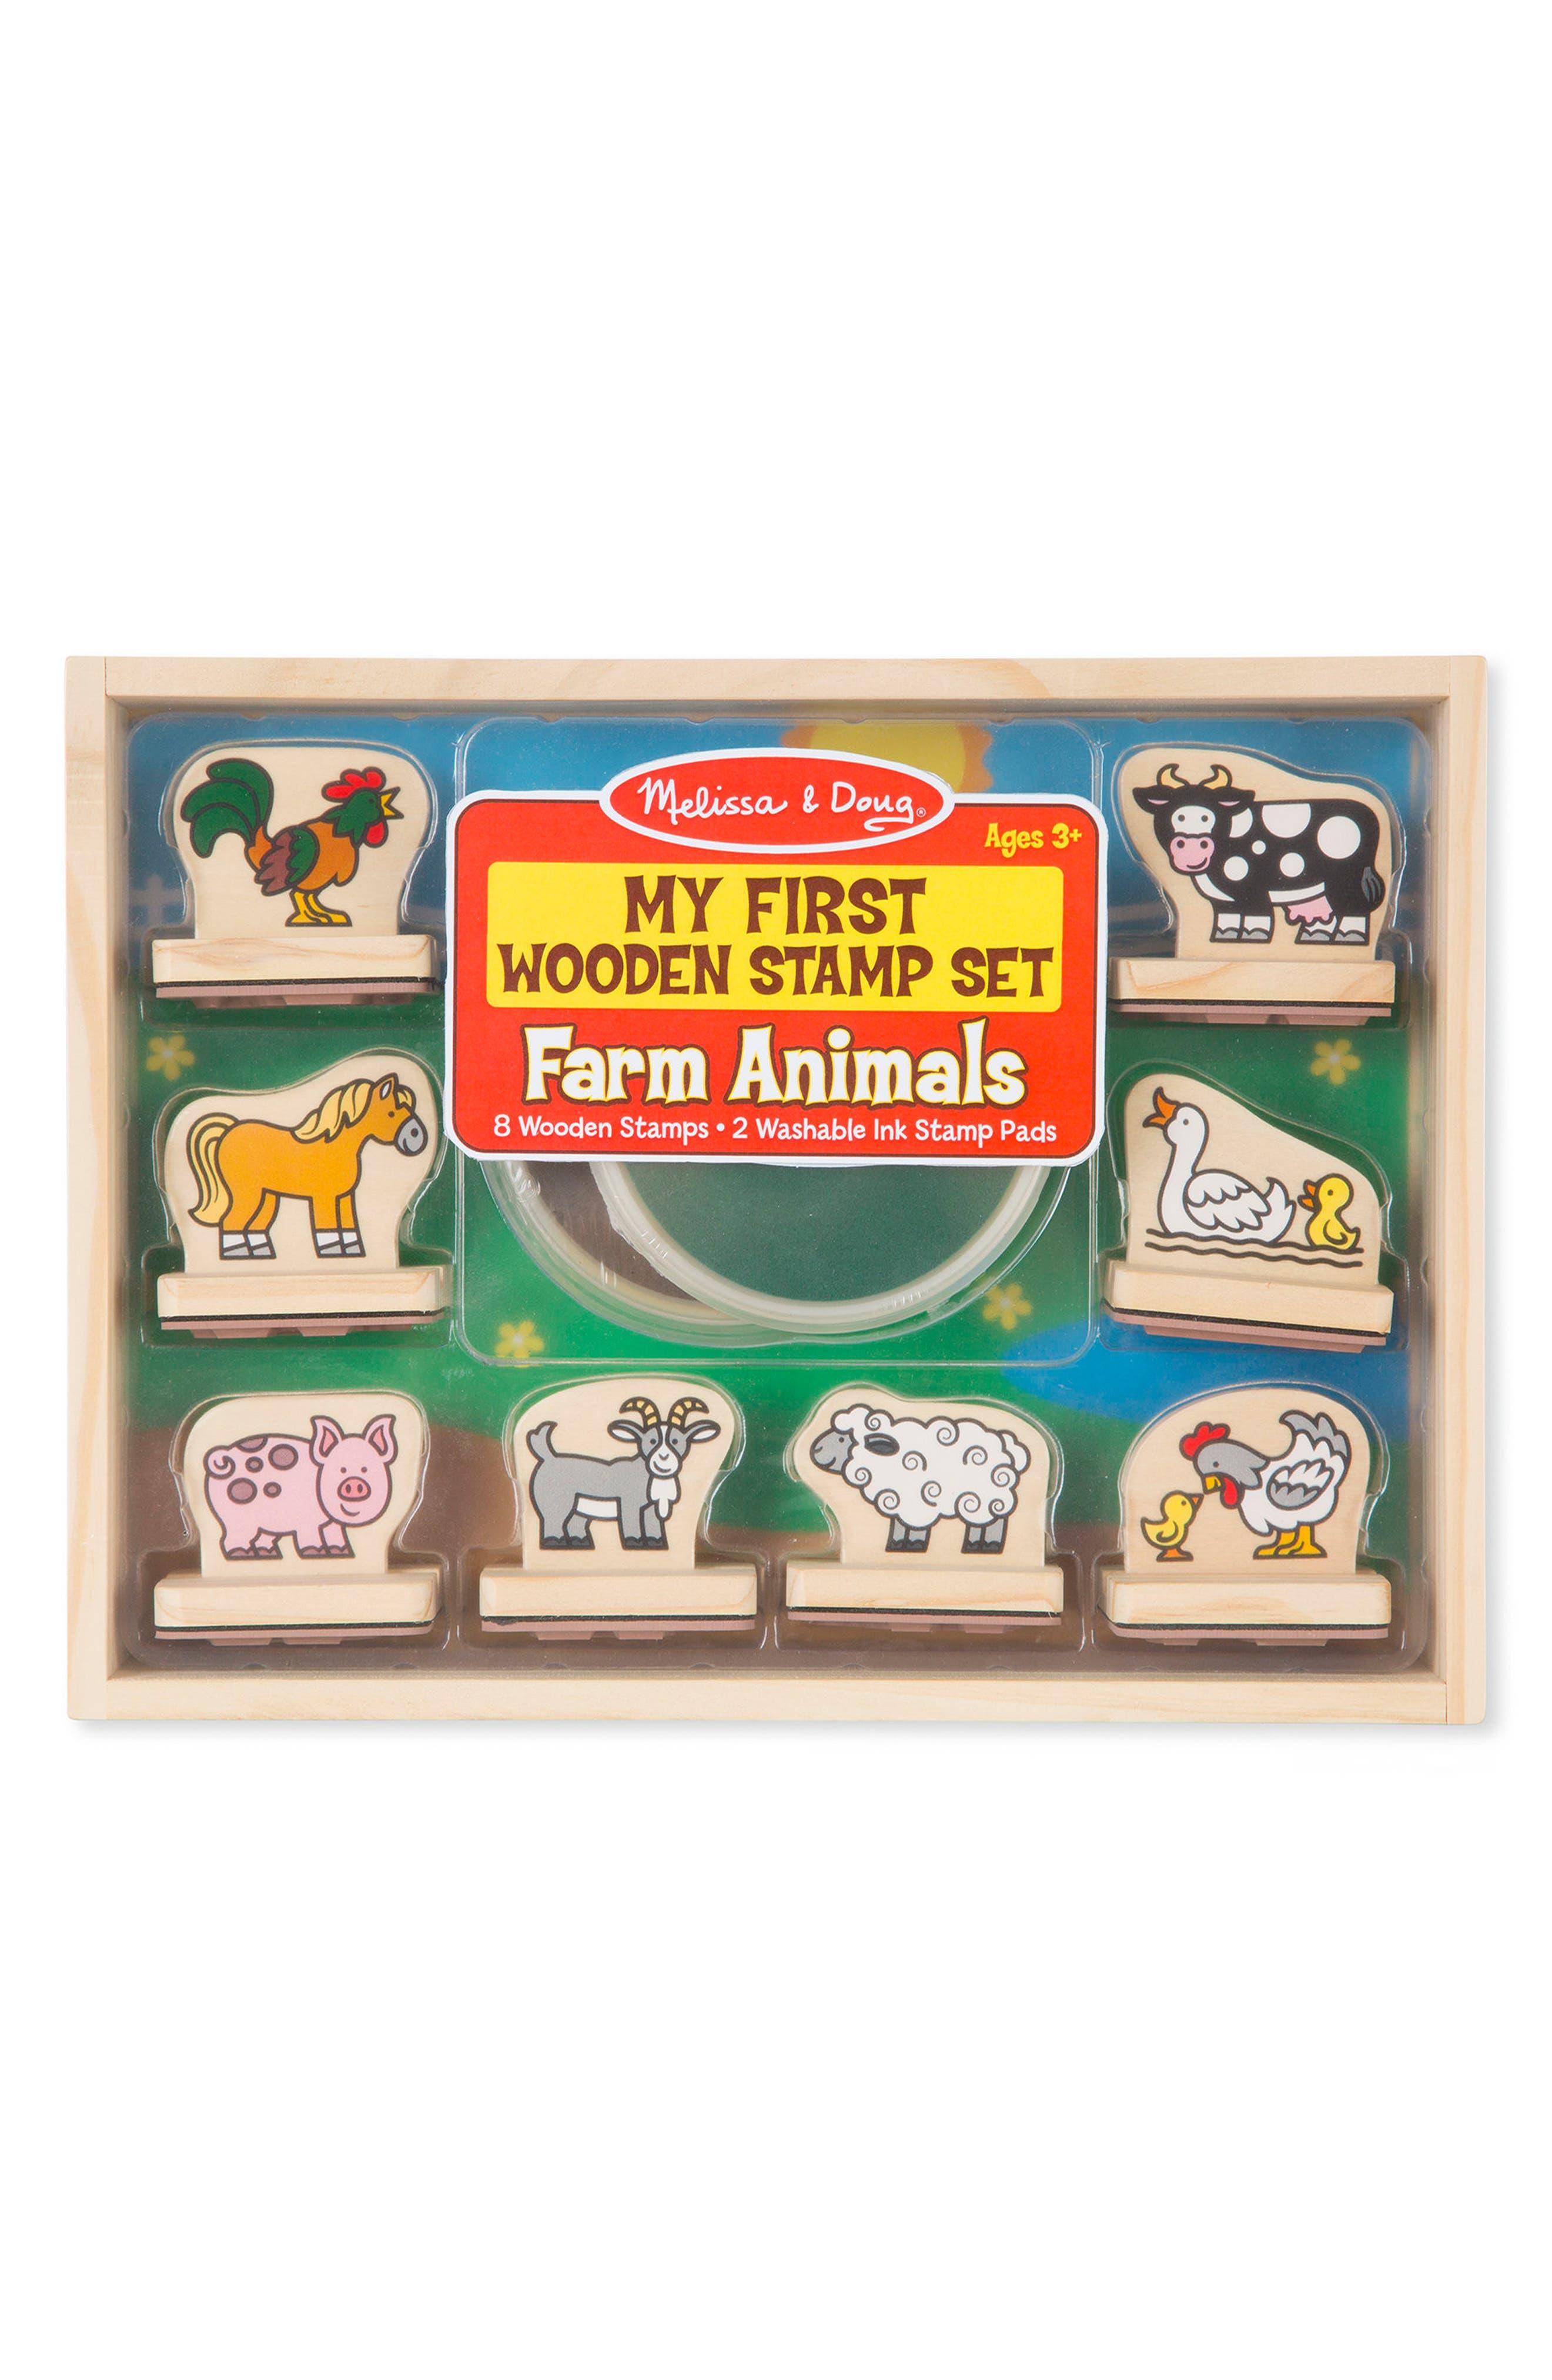 Melissa & Doug 10-Piece My First Wooden Stamp Set - Farm Animals